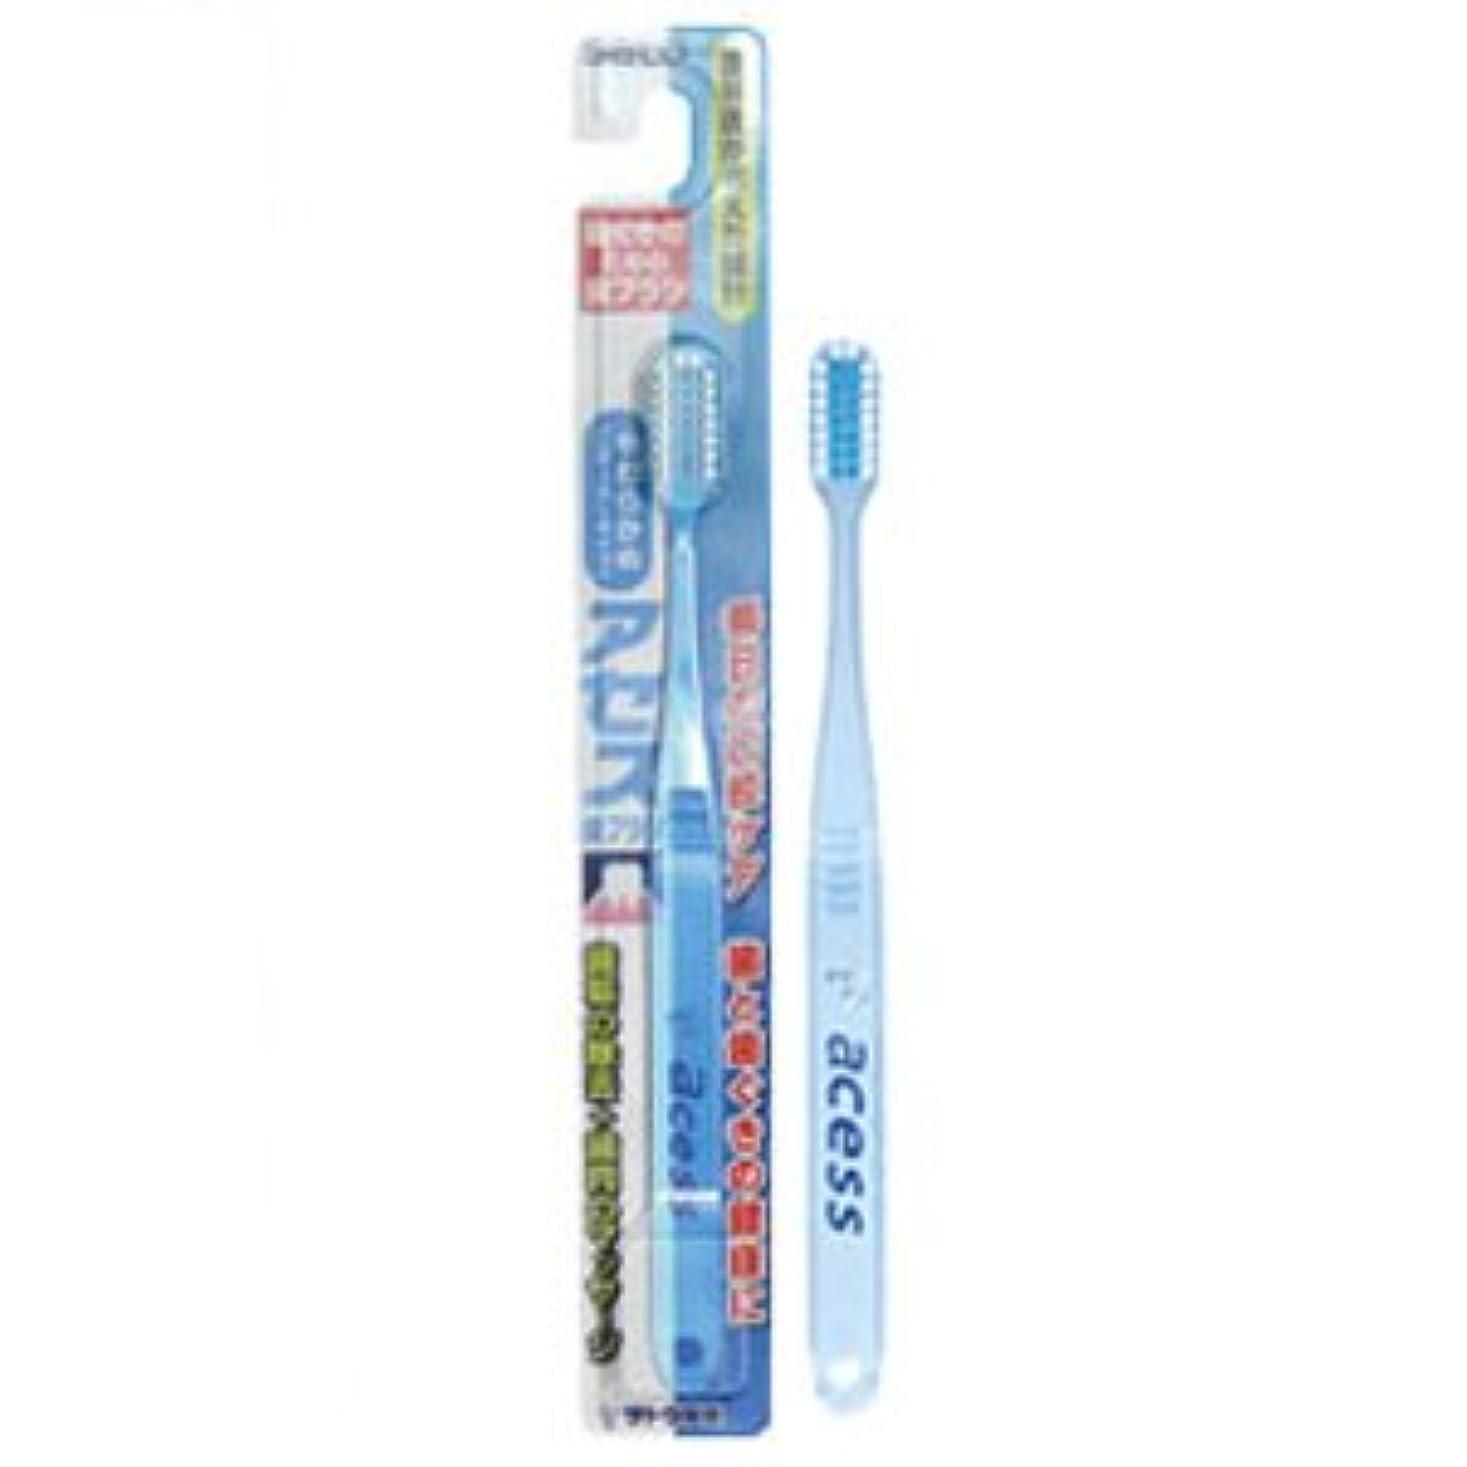 ハグ物理的にブリッジアセス歯ブラシ やわらかめ(レギュラータイプ) ブルー 12本